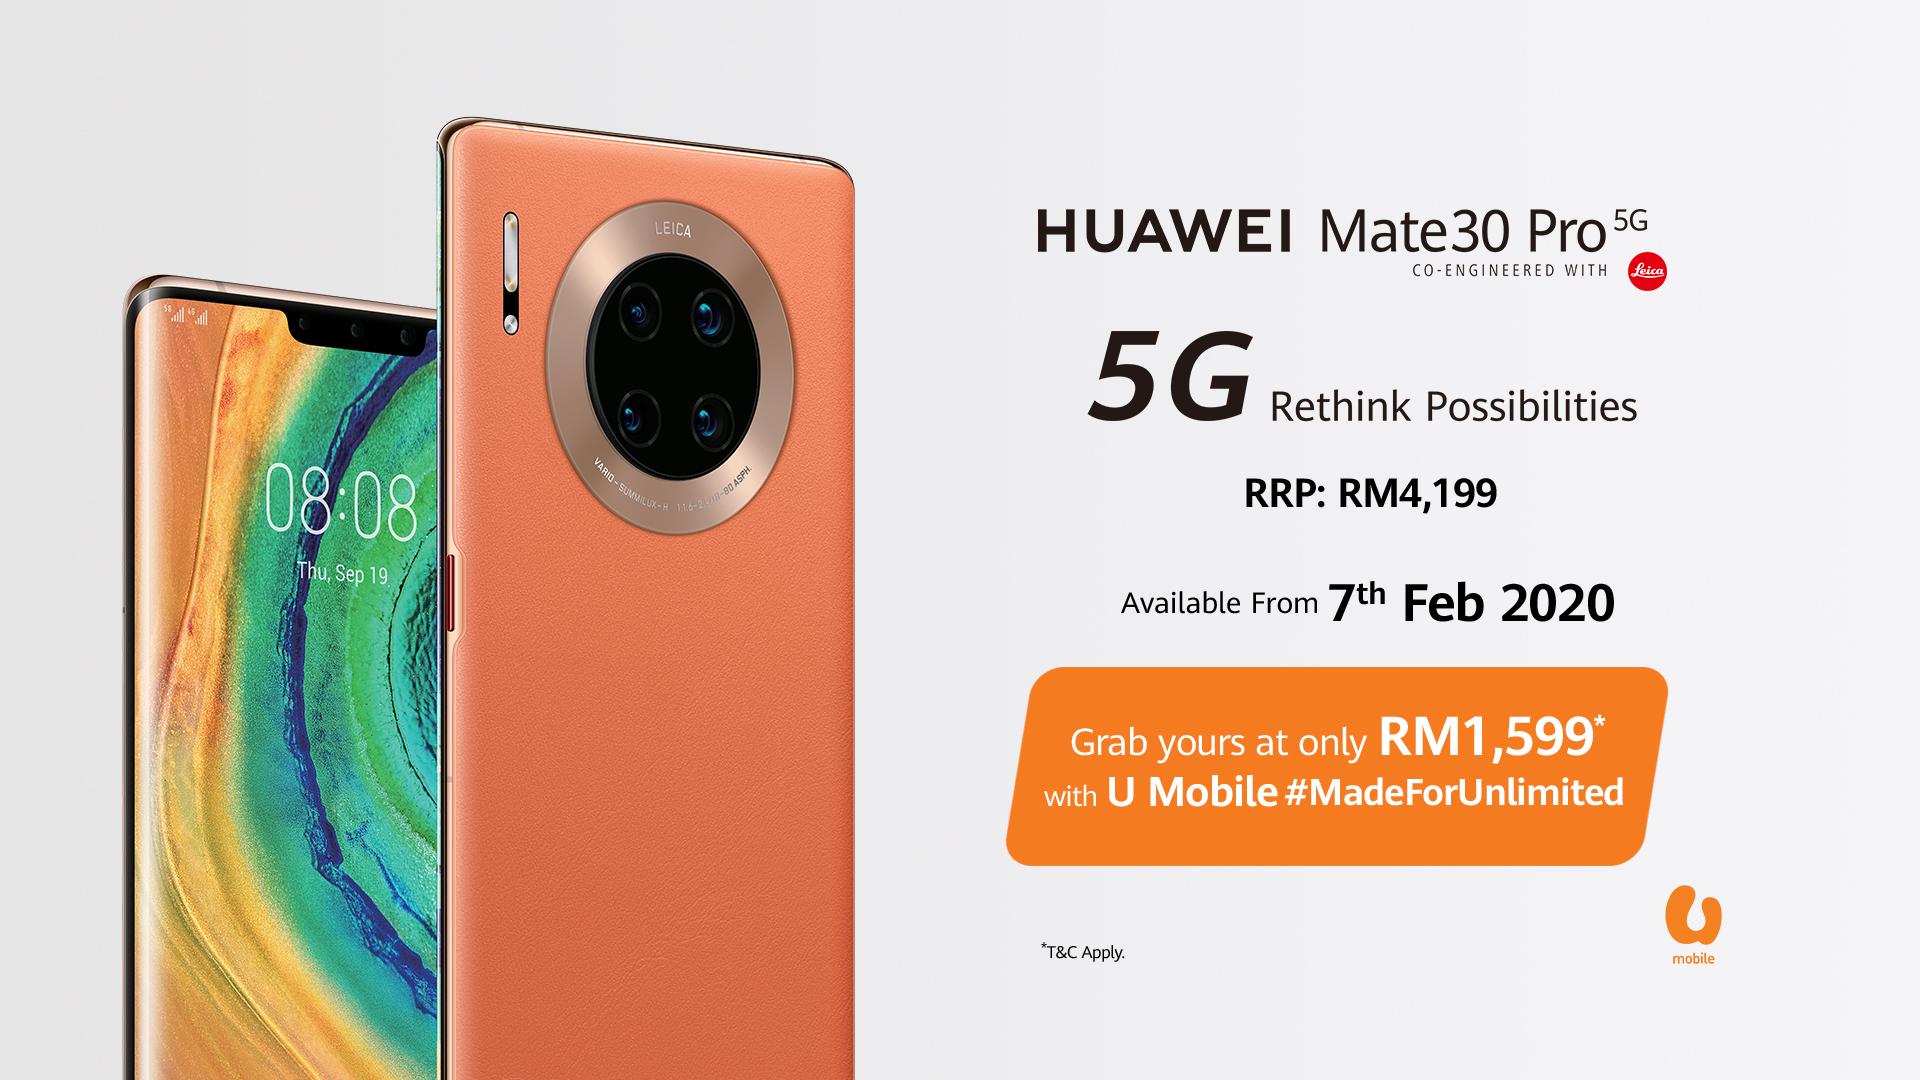 Mate30 Pro 5G UMobile